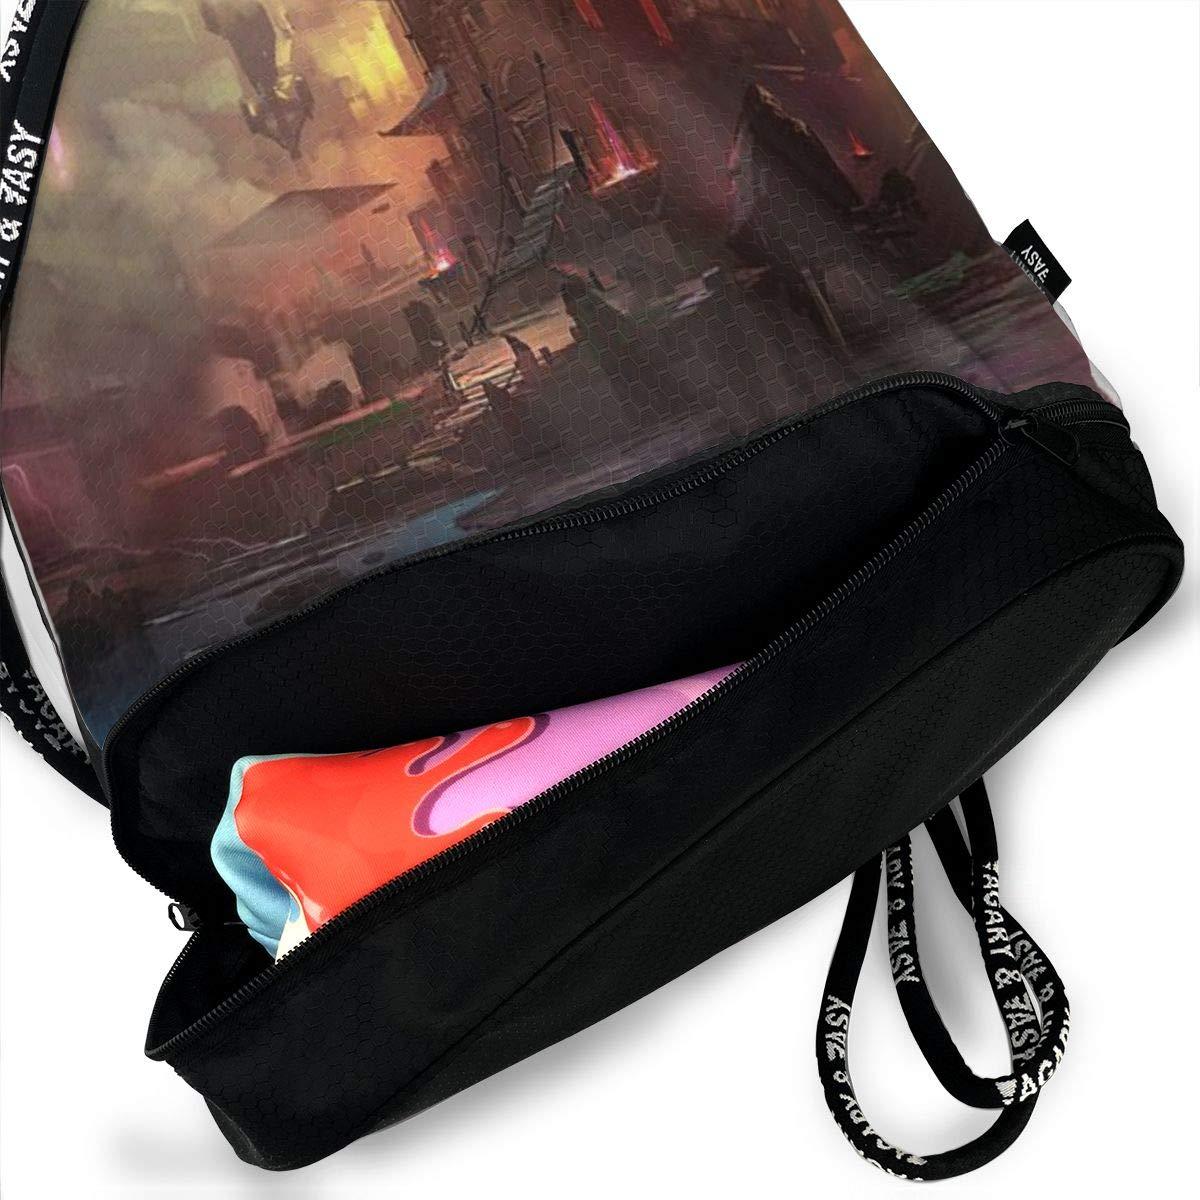 Castle Boat Printed Sackpack Sport Cinch Pack Backpack for Men Women Kji Gym Sack Drawstring Bag